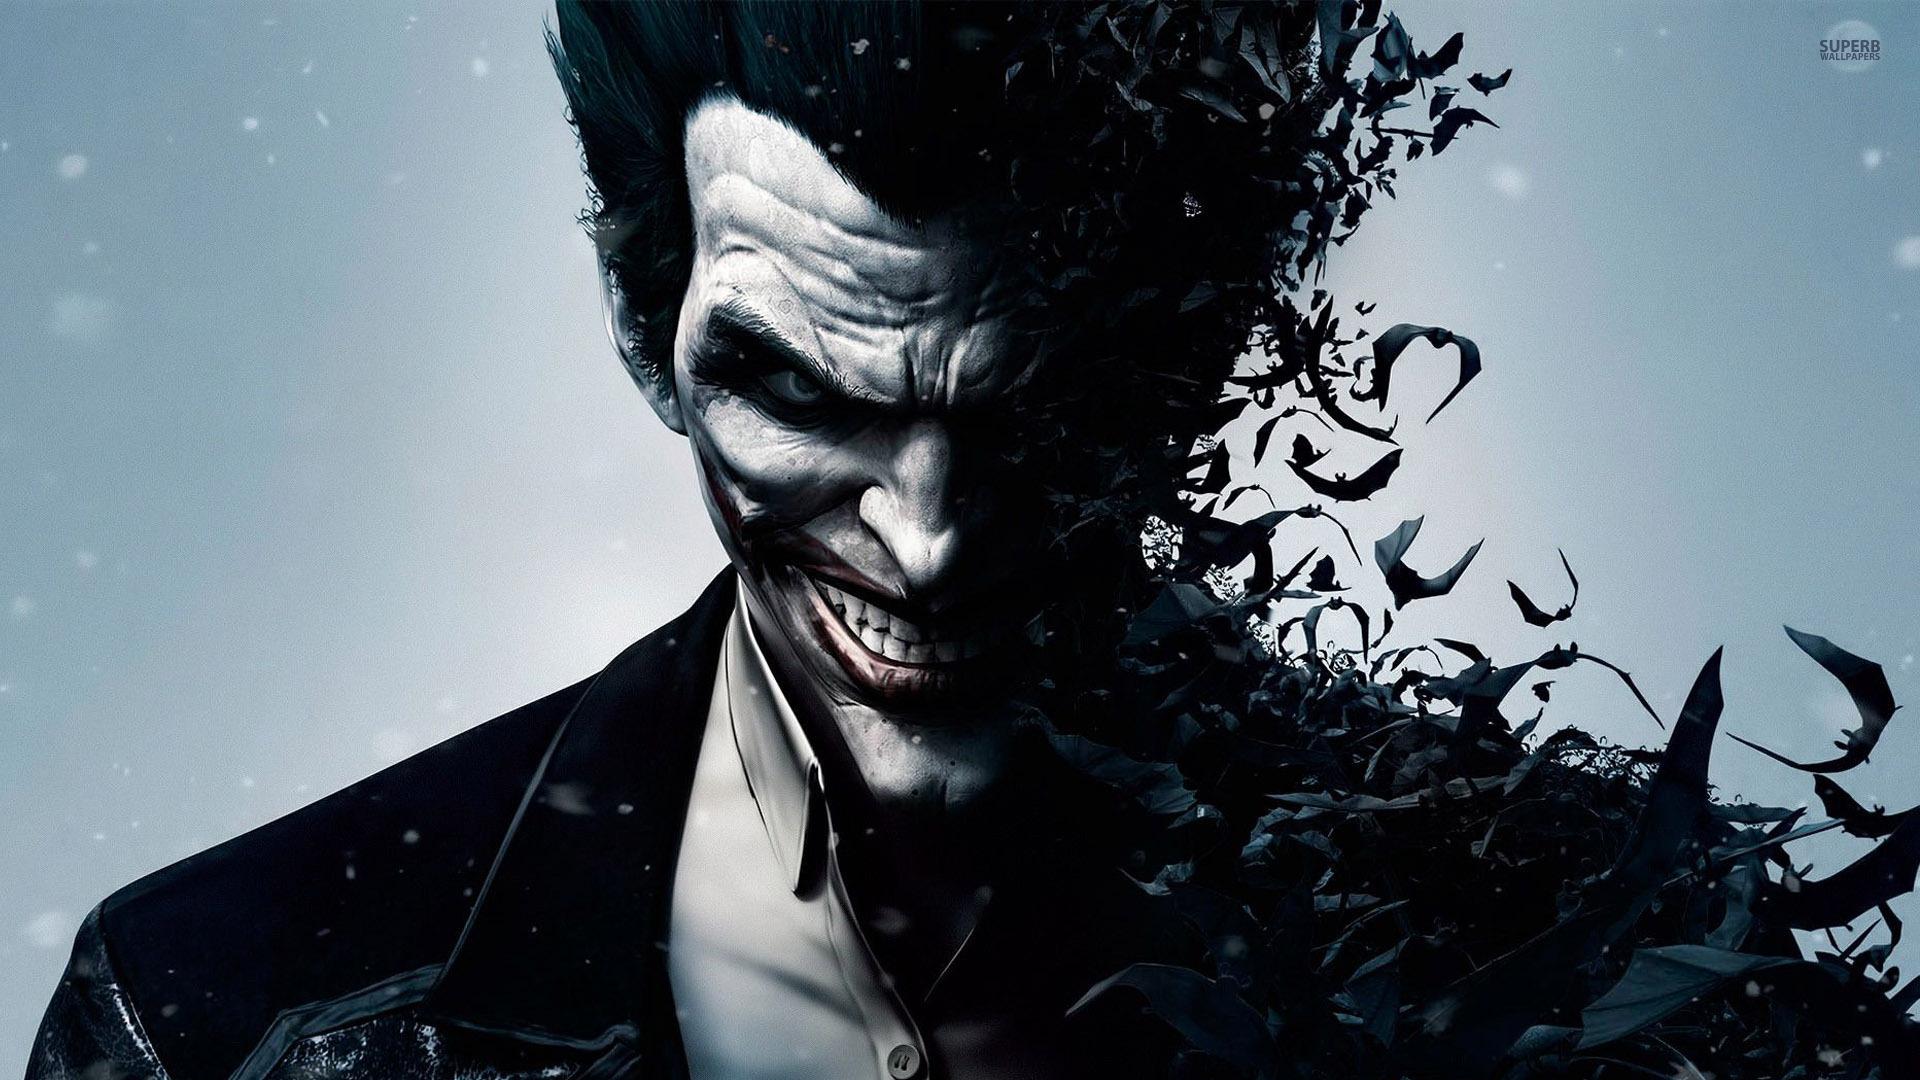 Batman And The Joker Wallpaper Sf Wallpaper